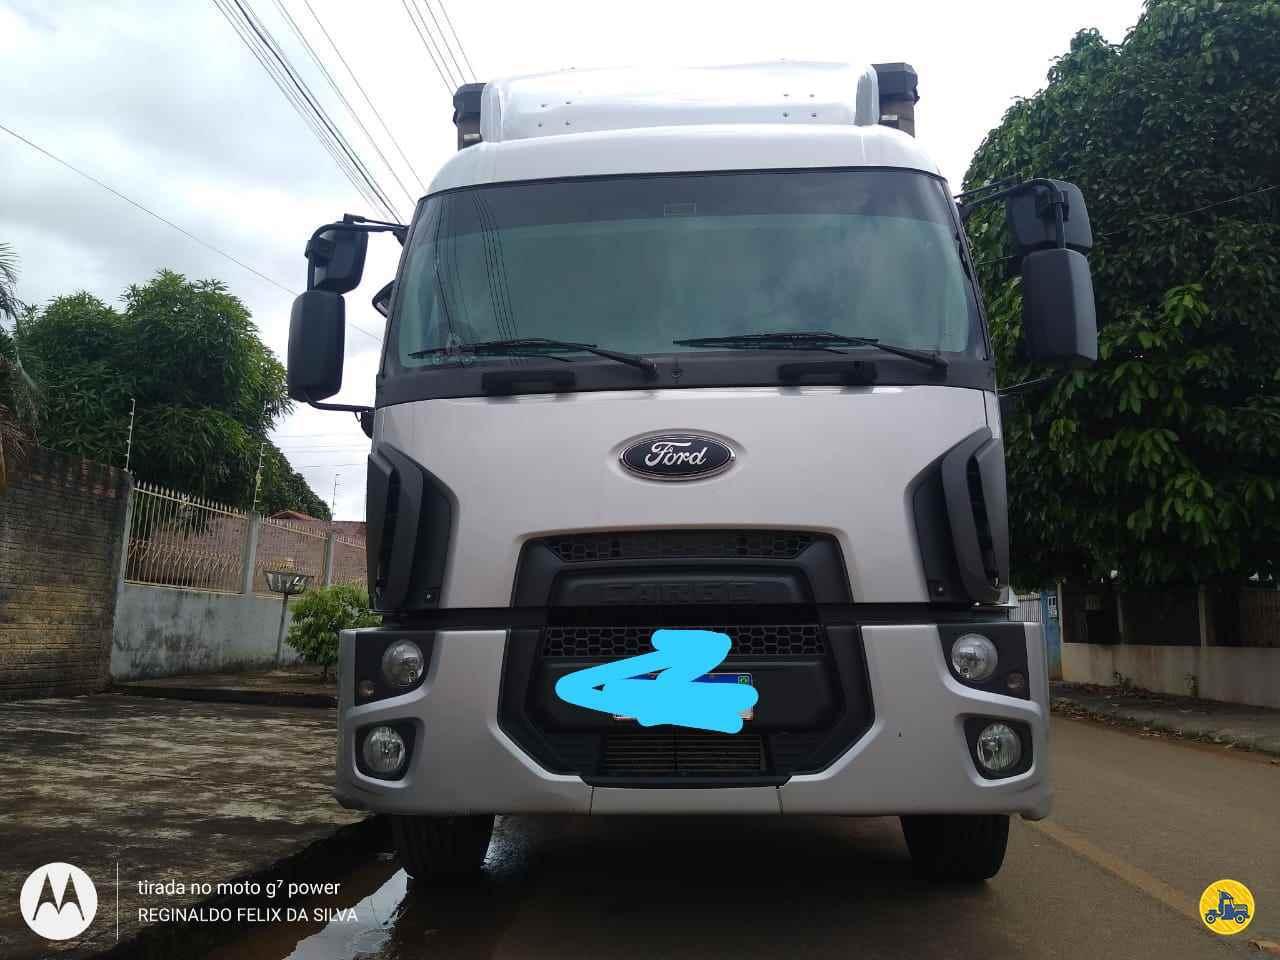 CAMINHAO FORD CARGO 3031 Baú Sider BiTruck 8x2 Cotral Caminhões SERRA DO SALITRE MINAS GERAIS MG